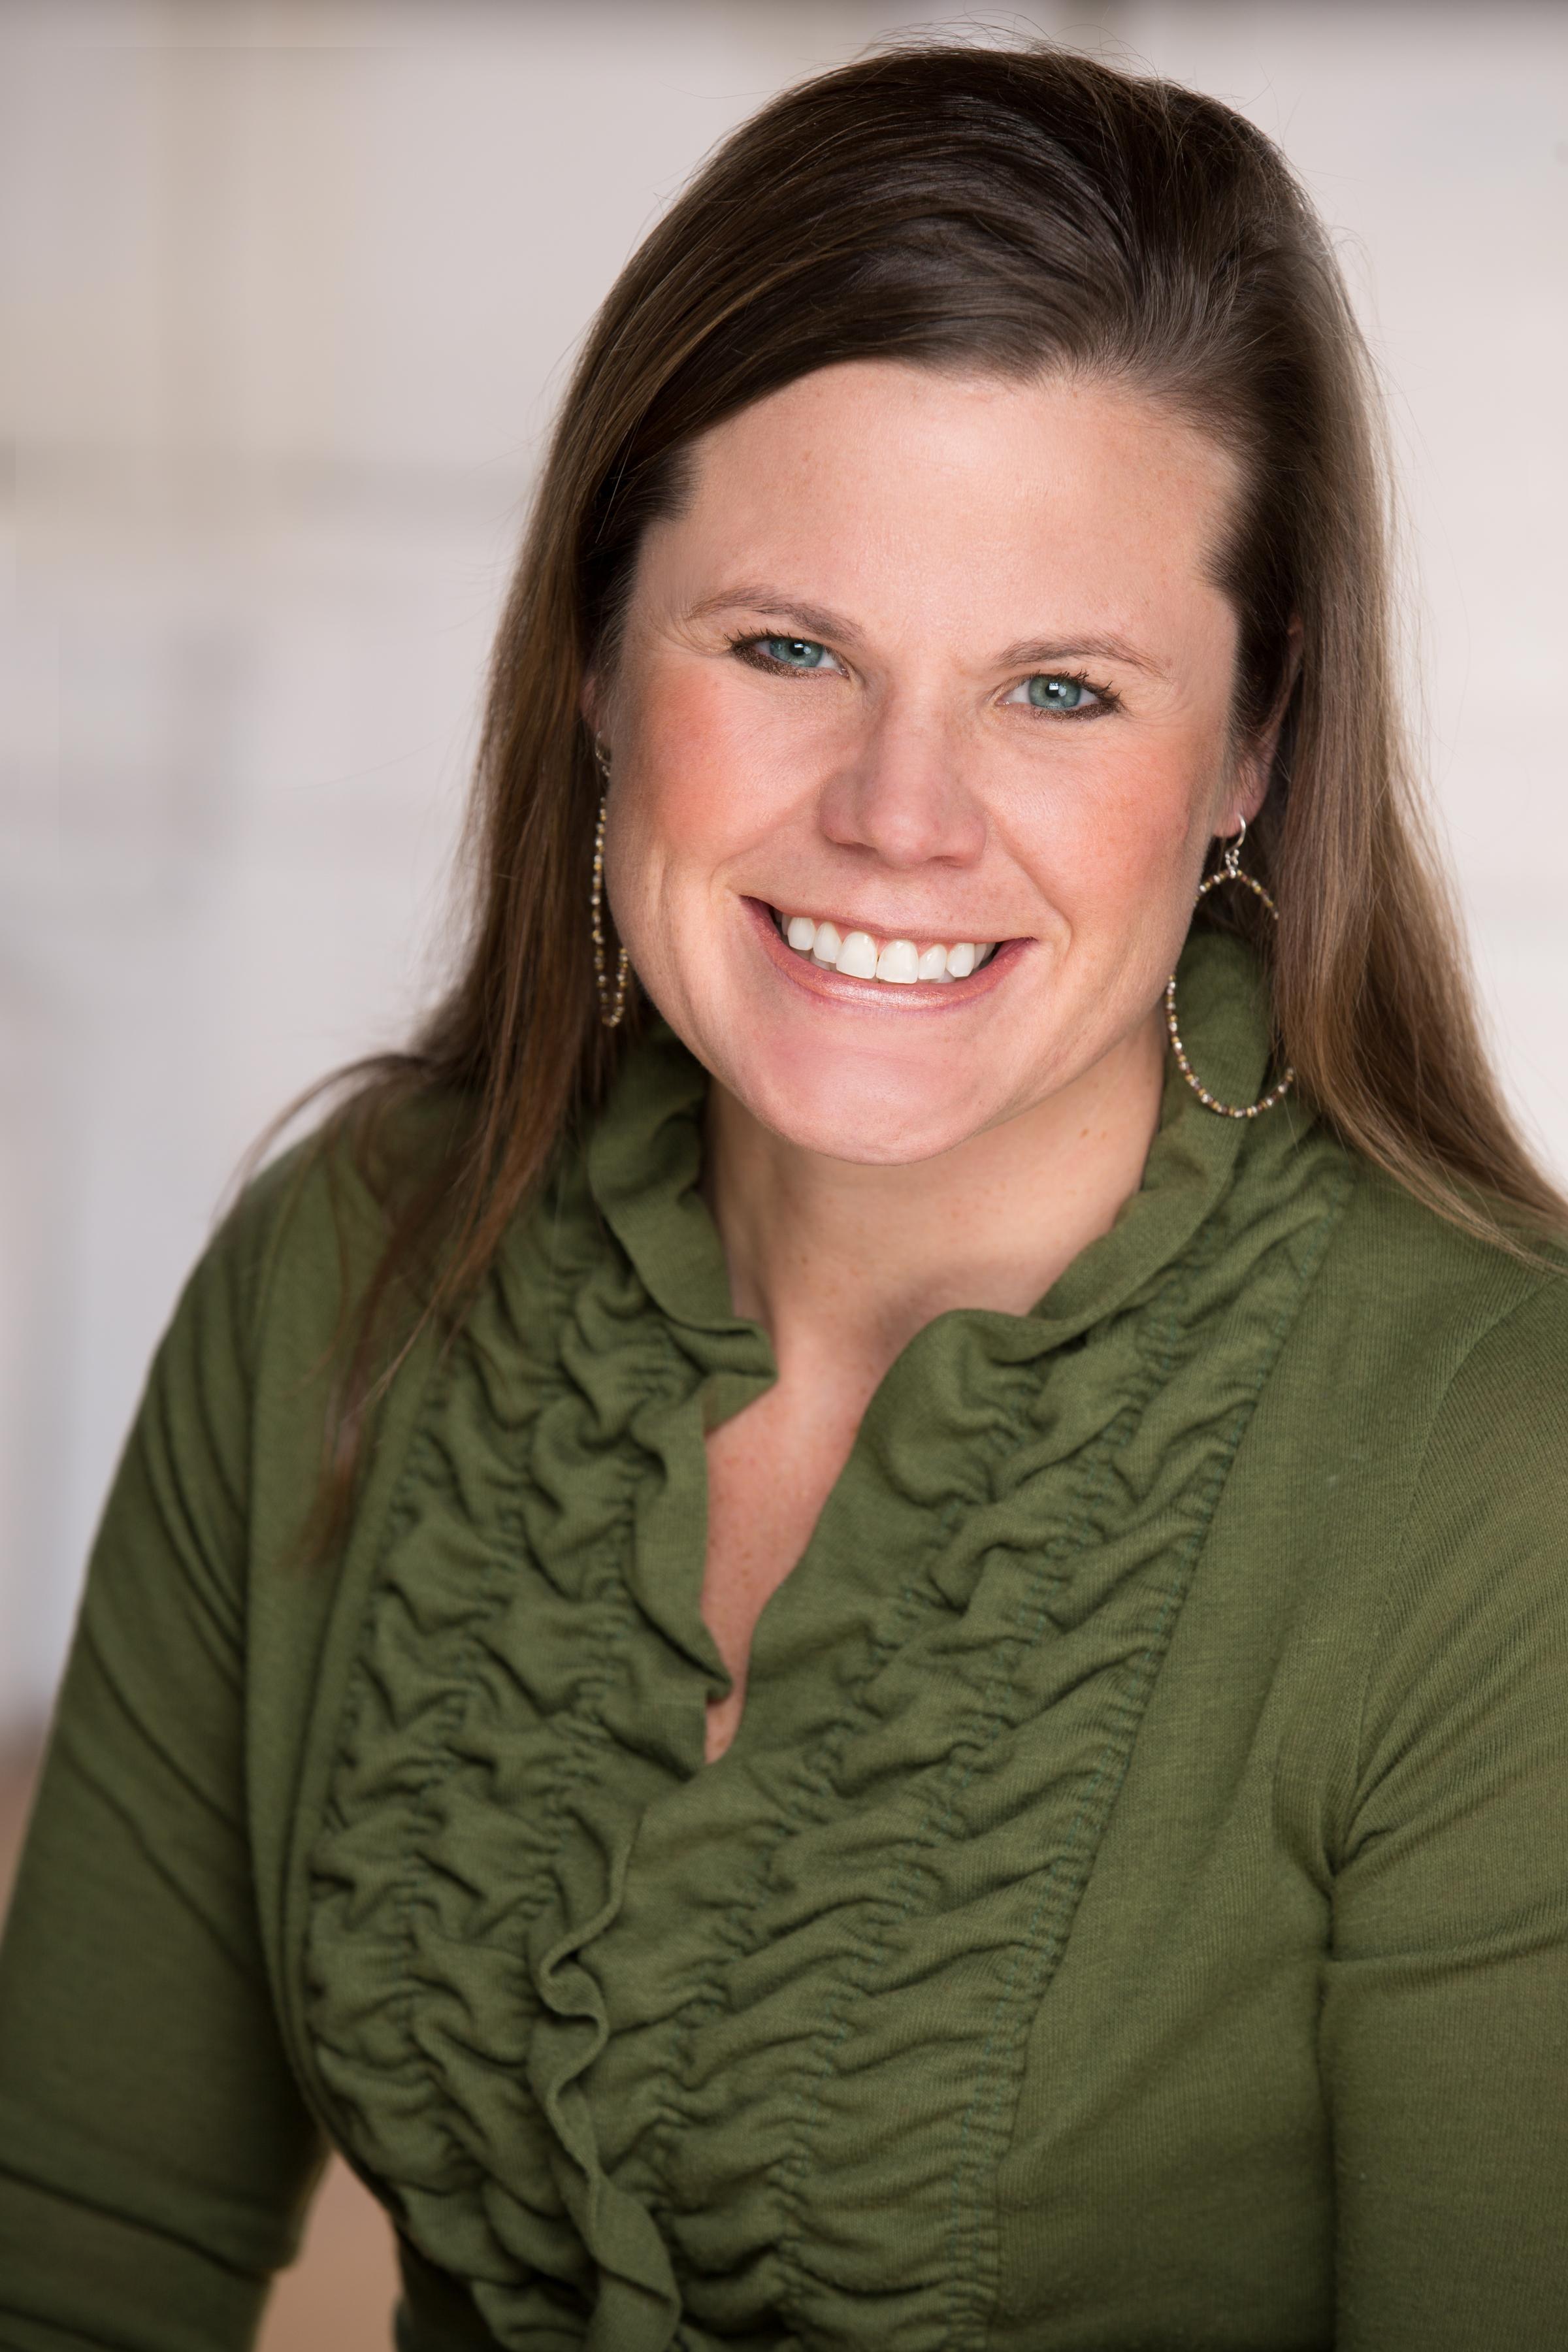 Erin Kassebaum